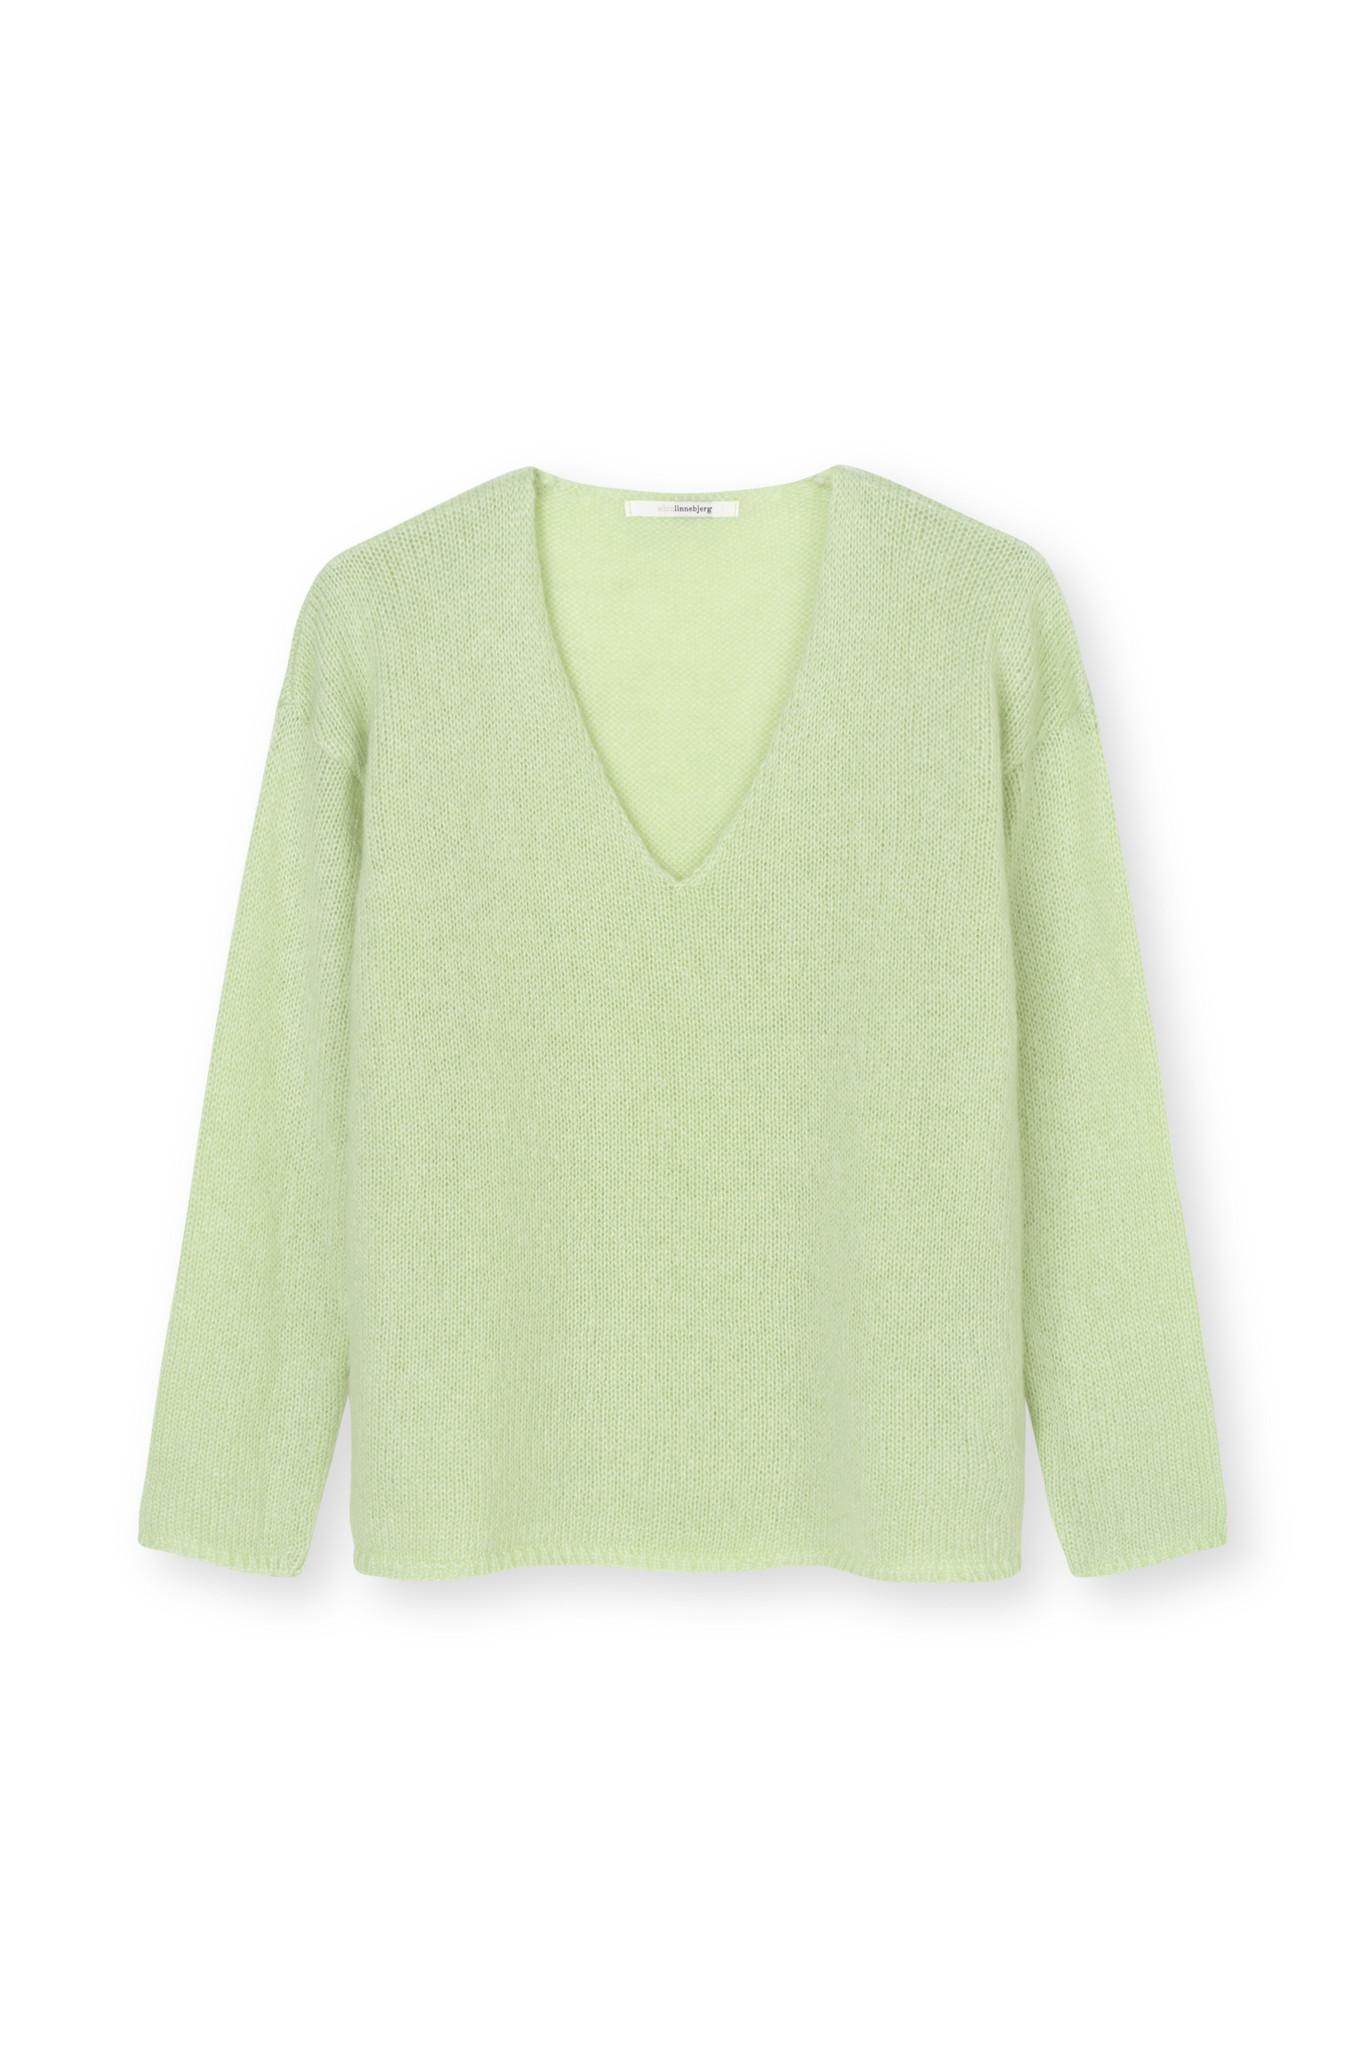 Diana Top - Soft Groen-1